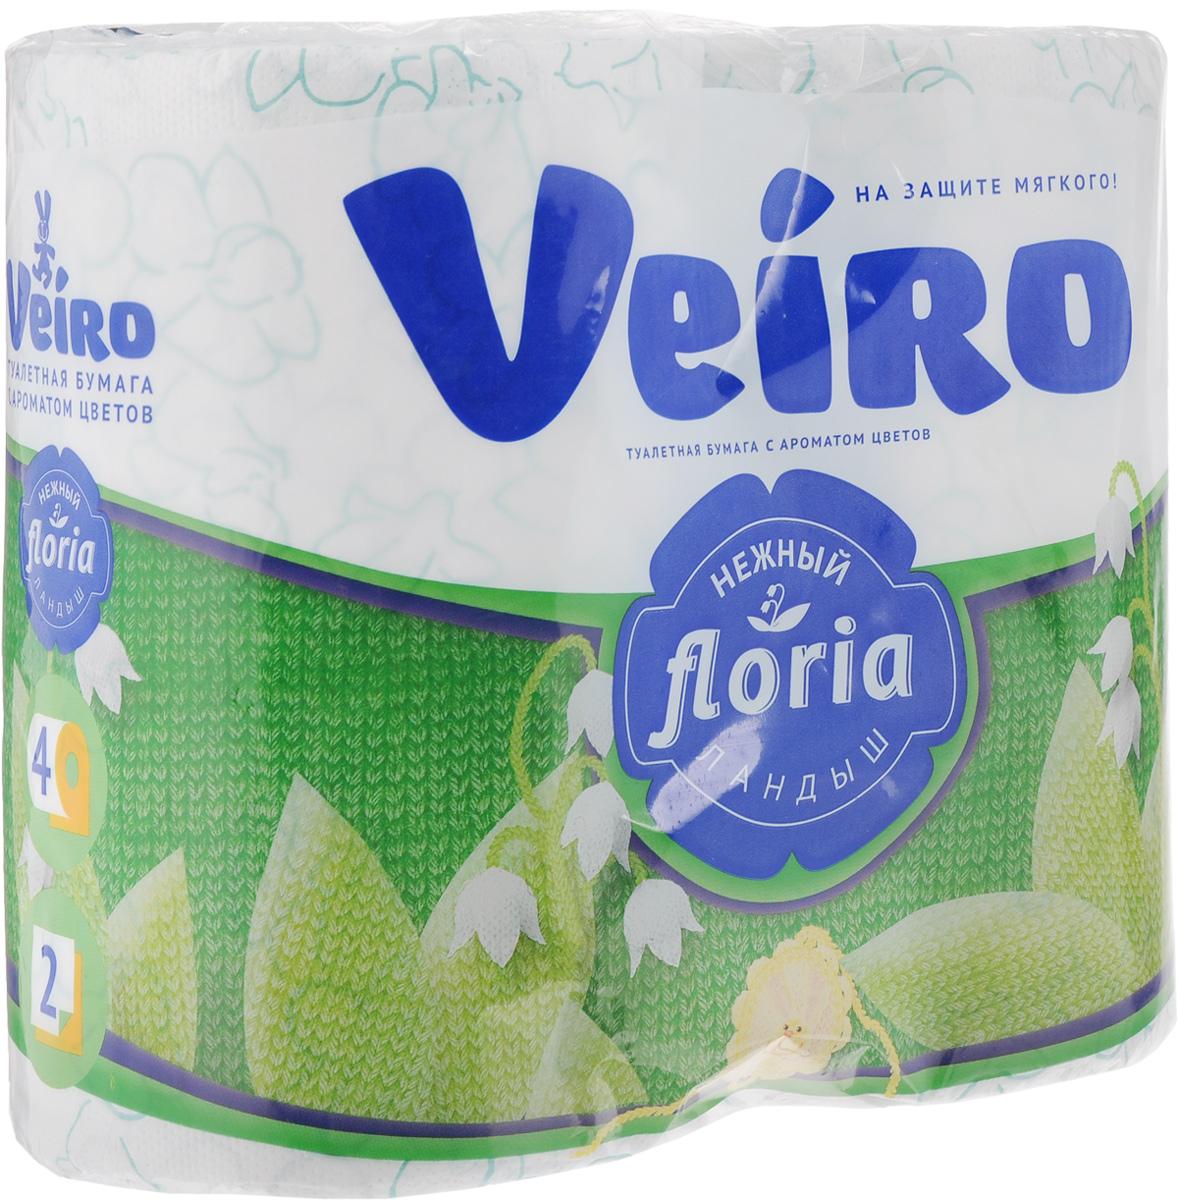 Туалетная бумага Veiro Floria. Нежный ландыш, двухслойная, ароматизированная, 4 рулона4С24А2Двухслойная туалетная бумага Veiro Floria. Нежный ландыш изготовлена по новейшей технологии из 100% ароматизированной целлюлозы, благодаря чему она имеет тонкий аромат, очень мягкая, нежная, но в тоже время прочная. Перфорация надежно скрепляет слои бумаги. Туалетная бумага Veiro Floria. Нежный ландыш сочетает в себе простоту и оригинальность. Состав: 100% ароматизированная целлюлоза. Количество слоев: 2. Размер листа: 12,5 х 9,1 см. Длина рулона: 21,9 м. Количество рулонов: 4 шт.